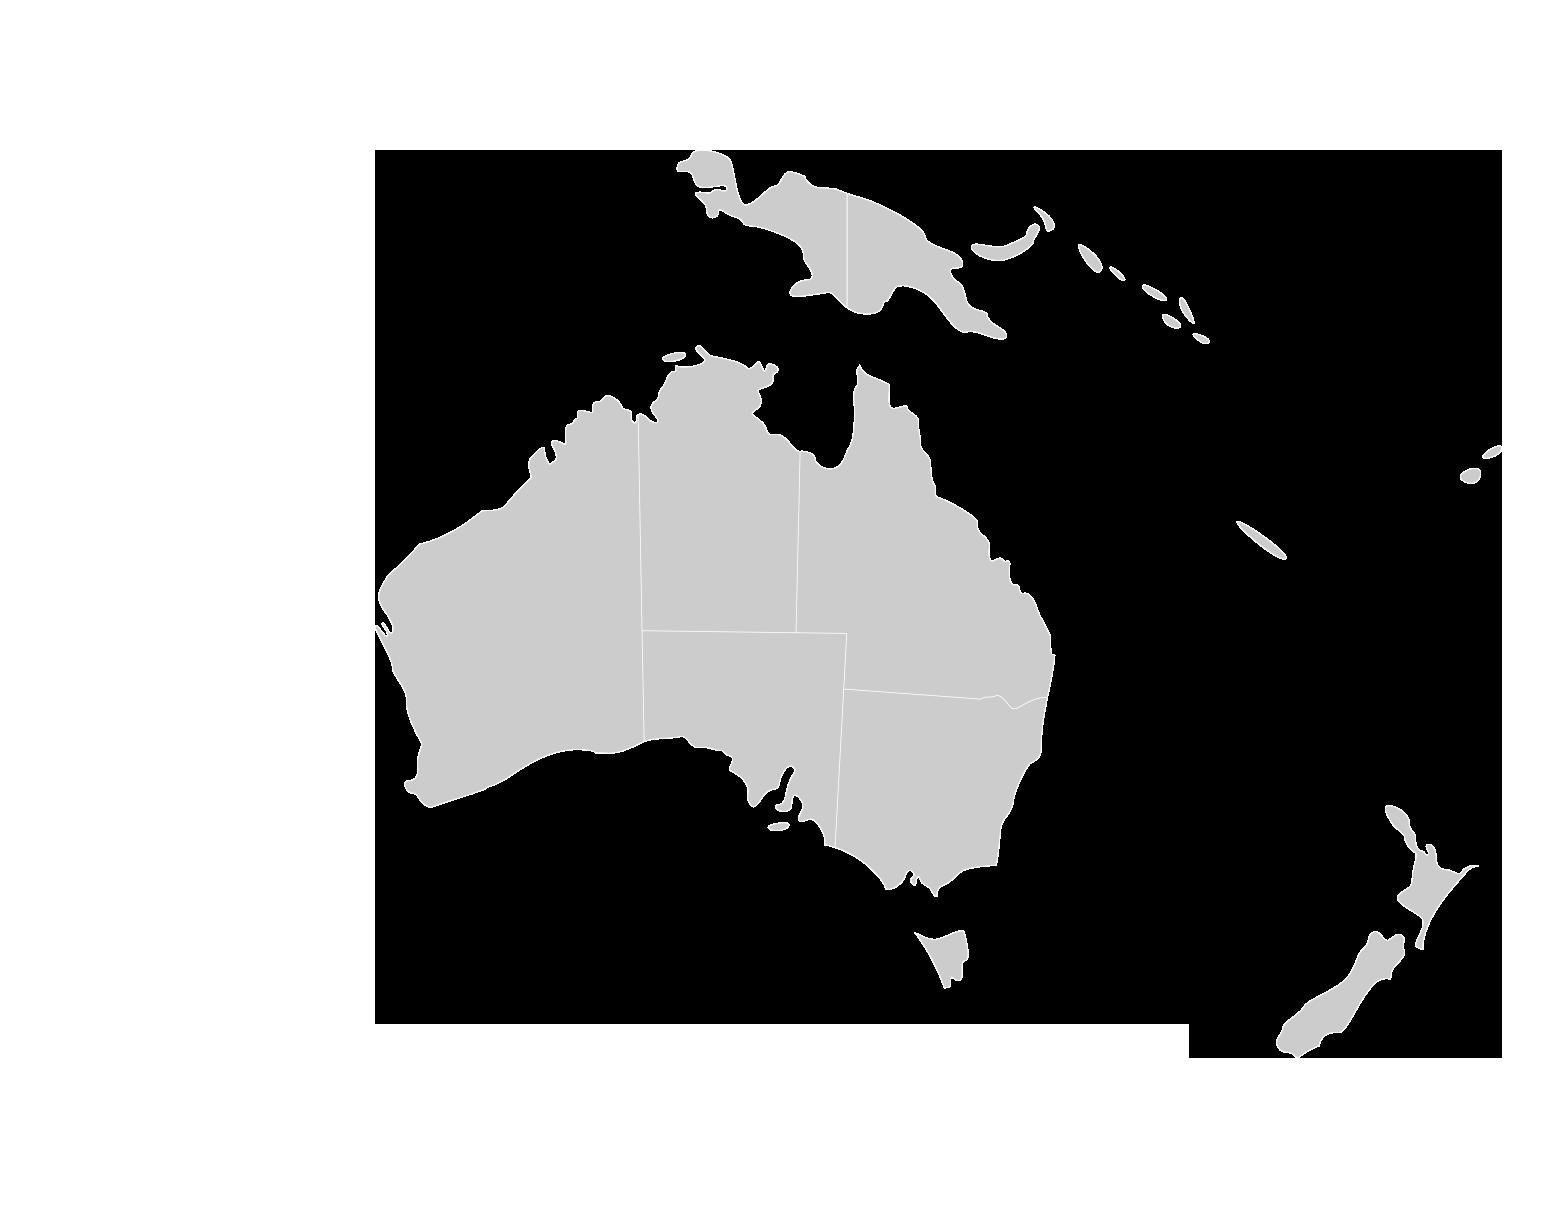 Herzog Standorte Austrlienkarte